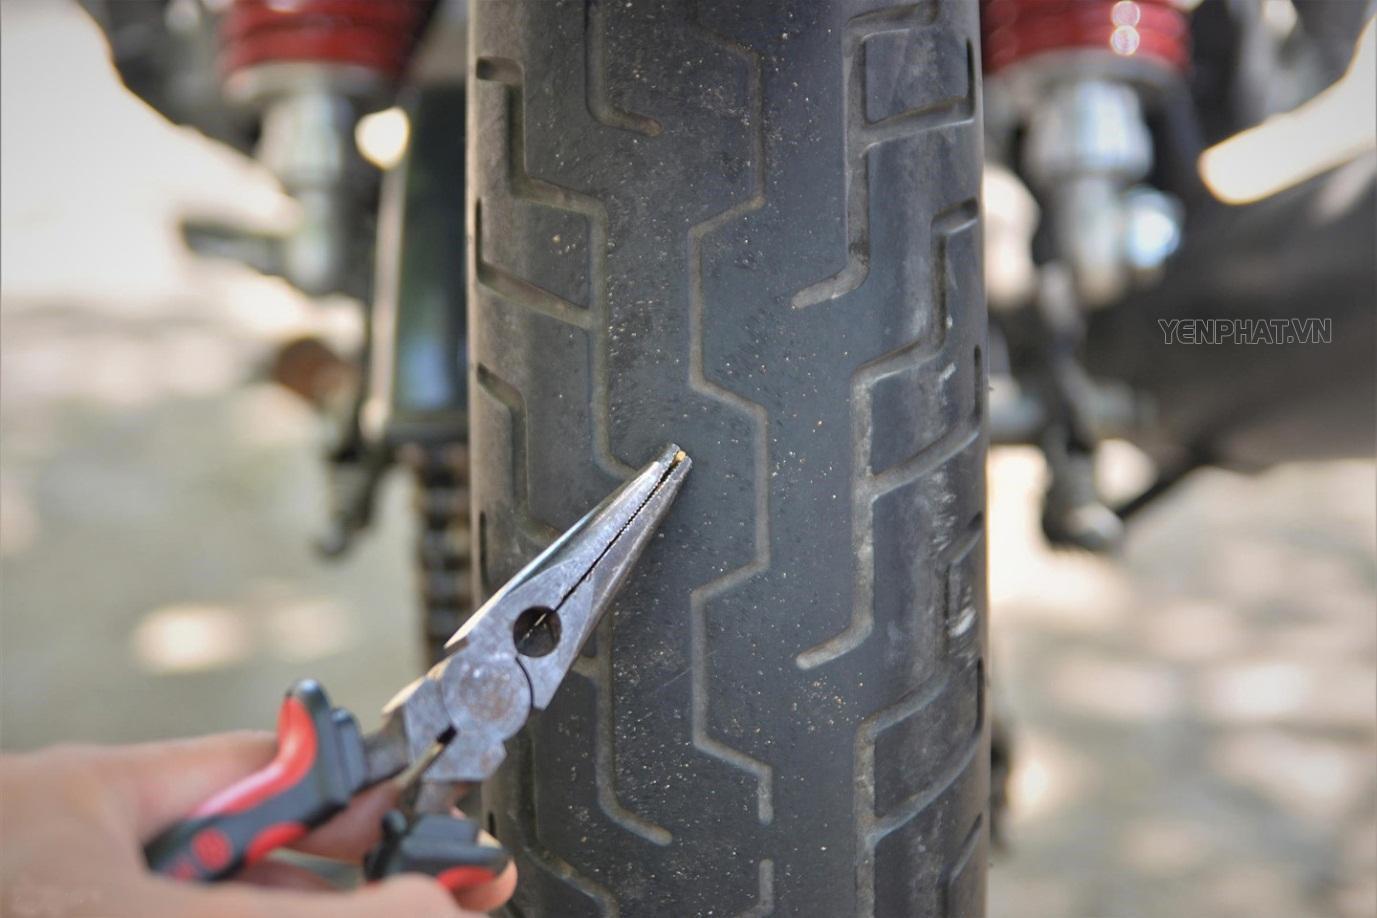 Dùng kìm lấy hết các dị vật gây thủng lốp xe